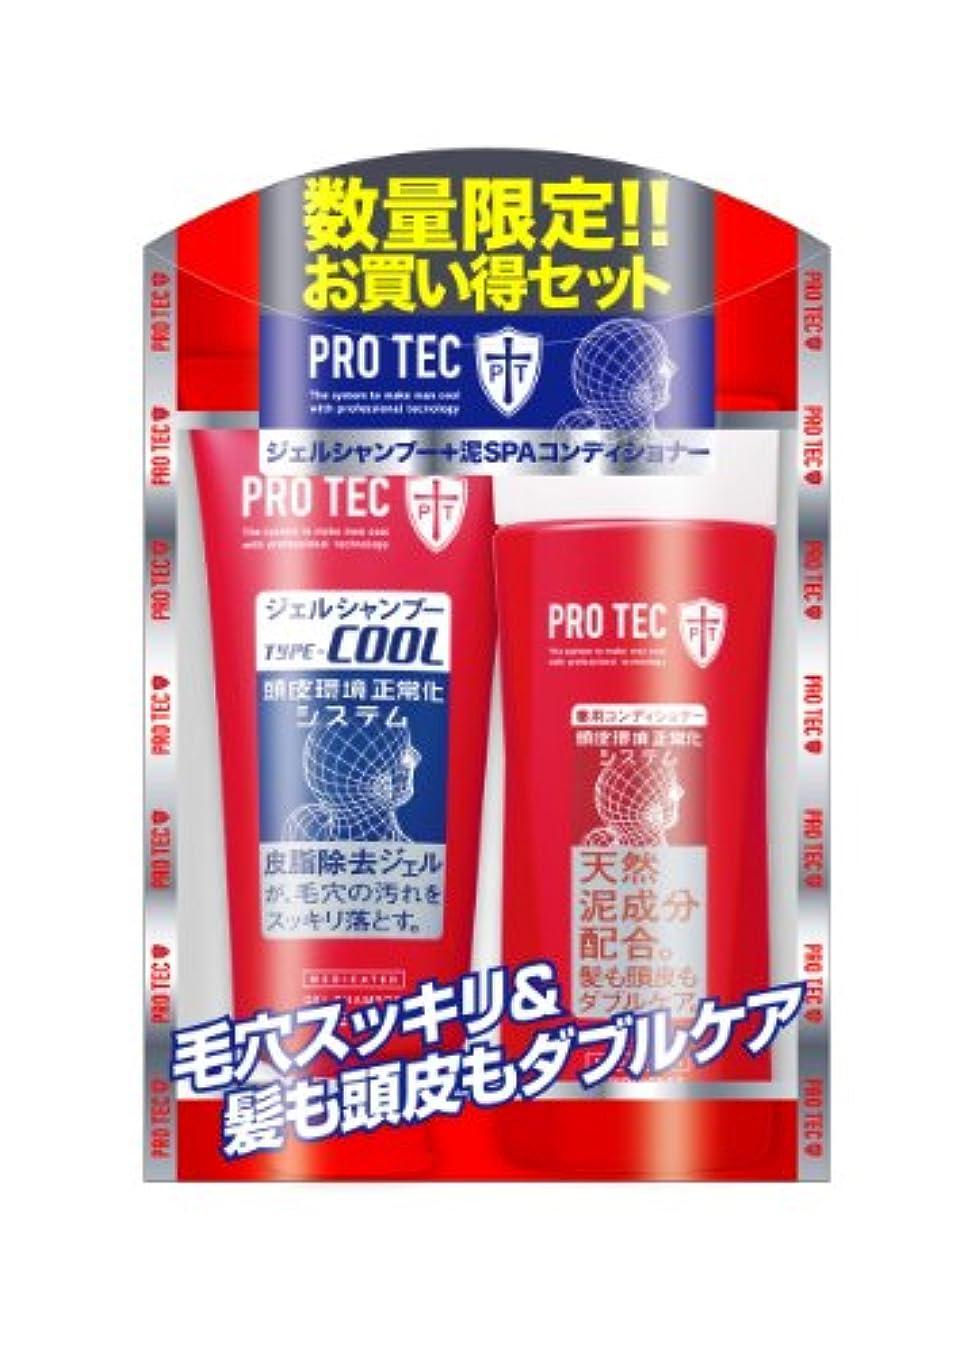 滑るどこか満了PRO TEC ジェルシャンプーTYPE-COOL+泥SPAコンディショナー限定セット